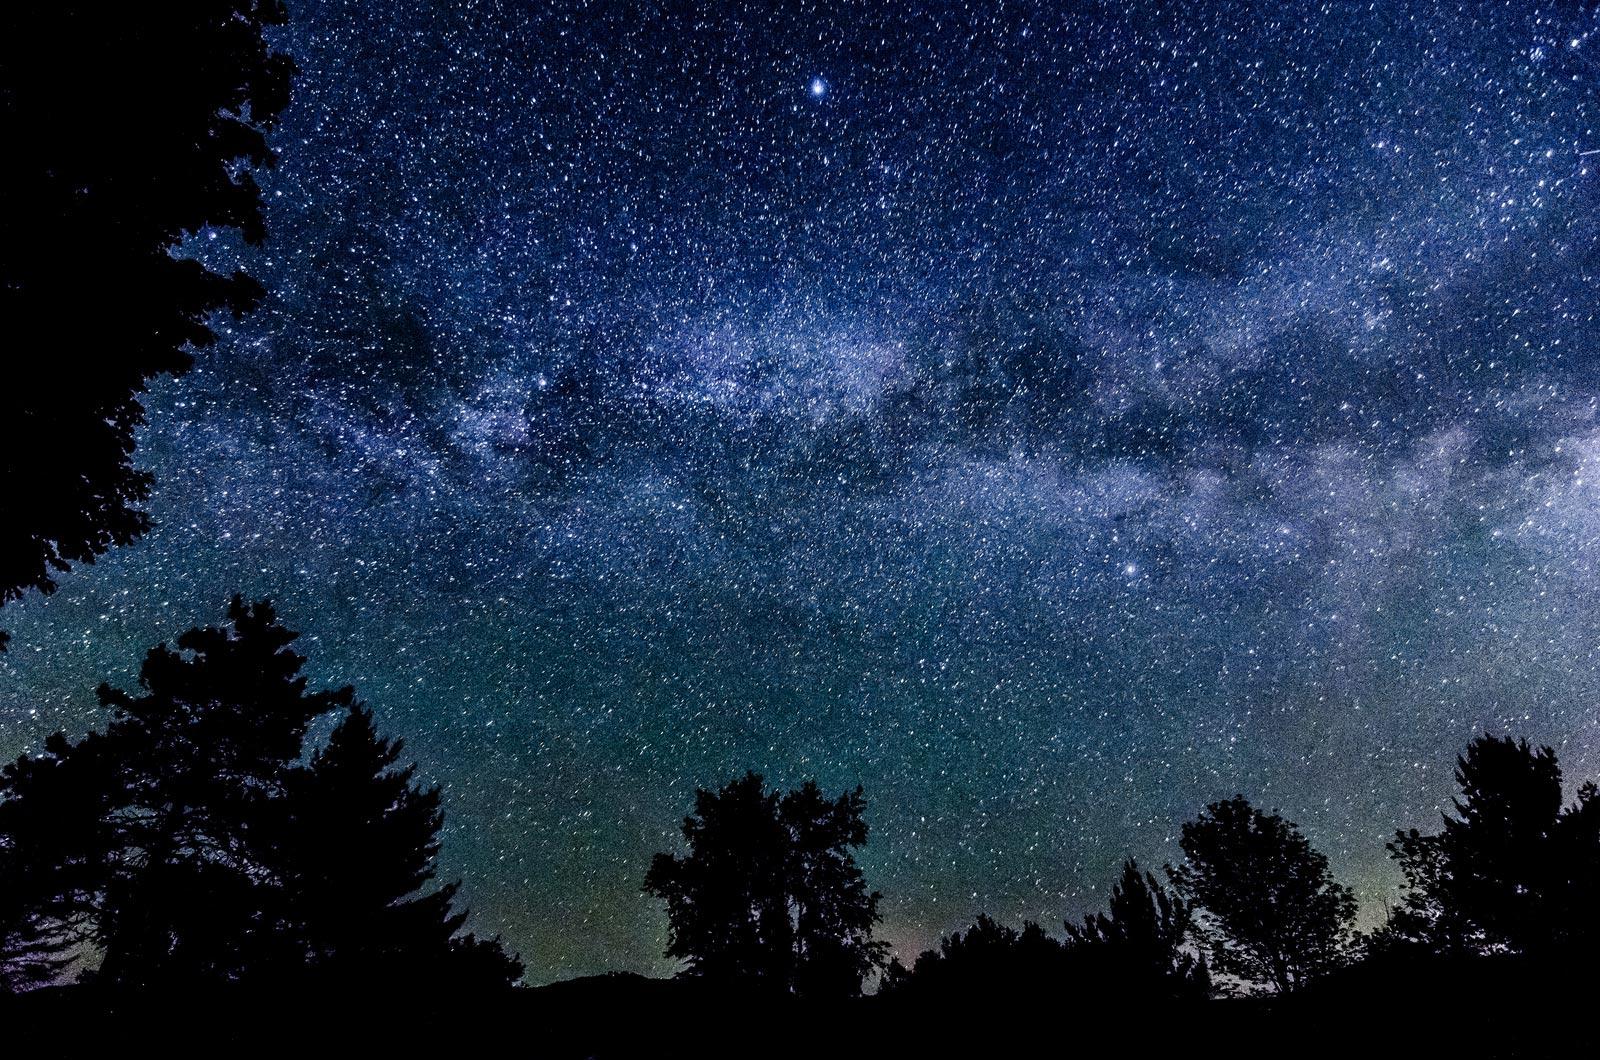 La via lattea pesa la met di andromeda galileo for Foto galassie hd